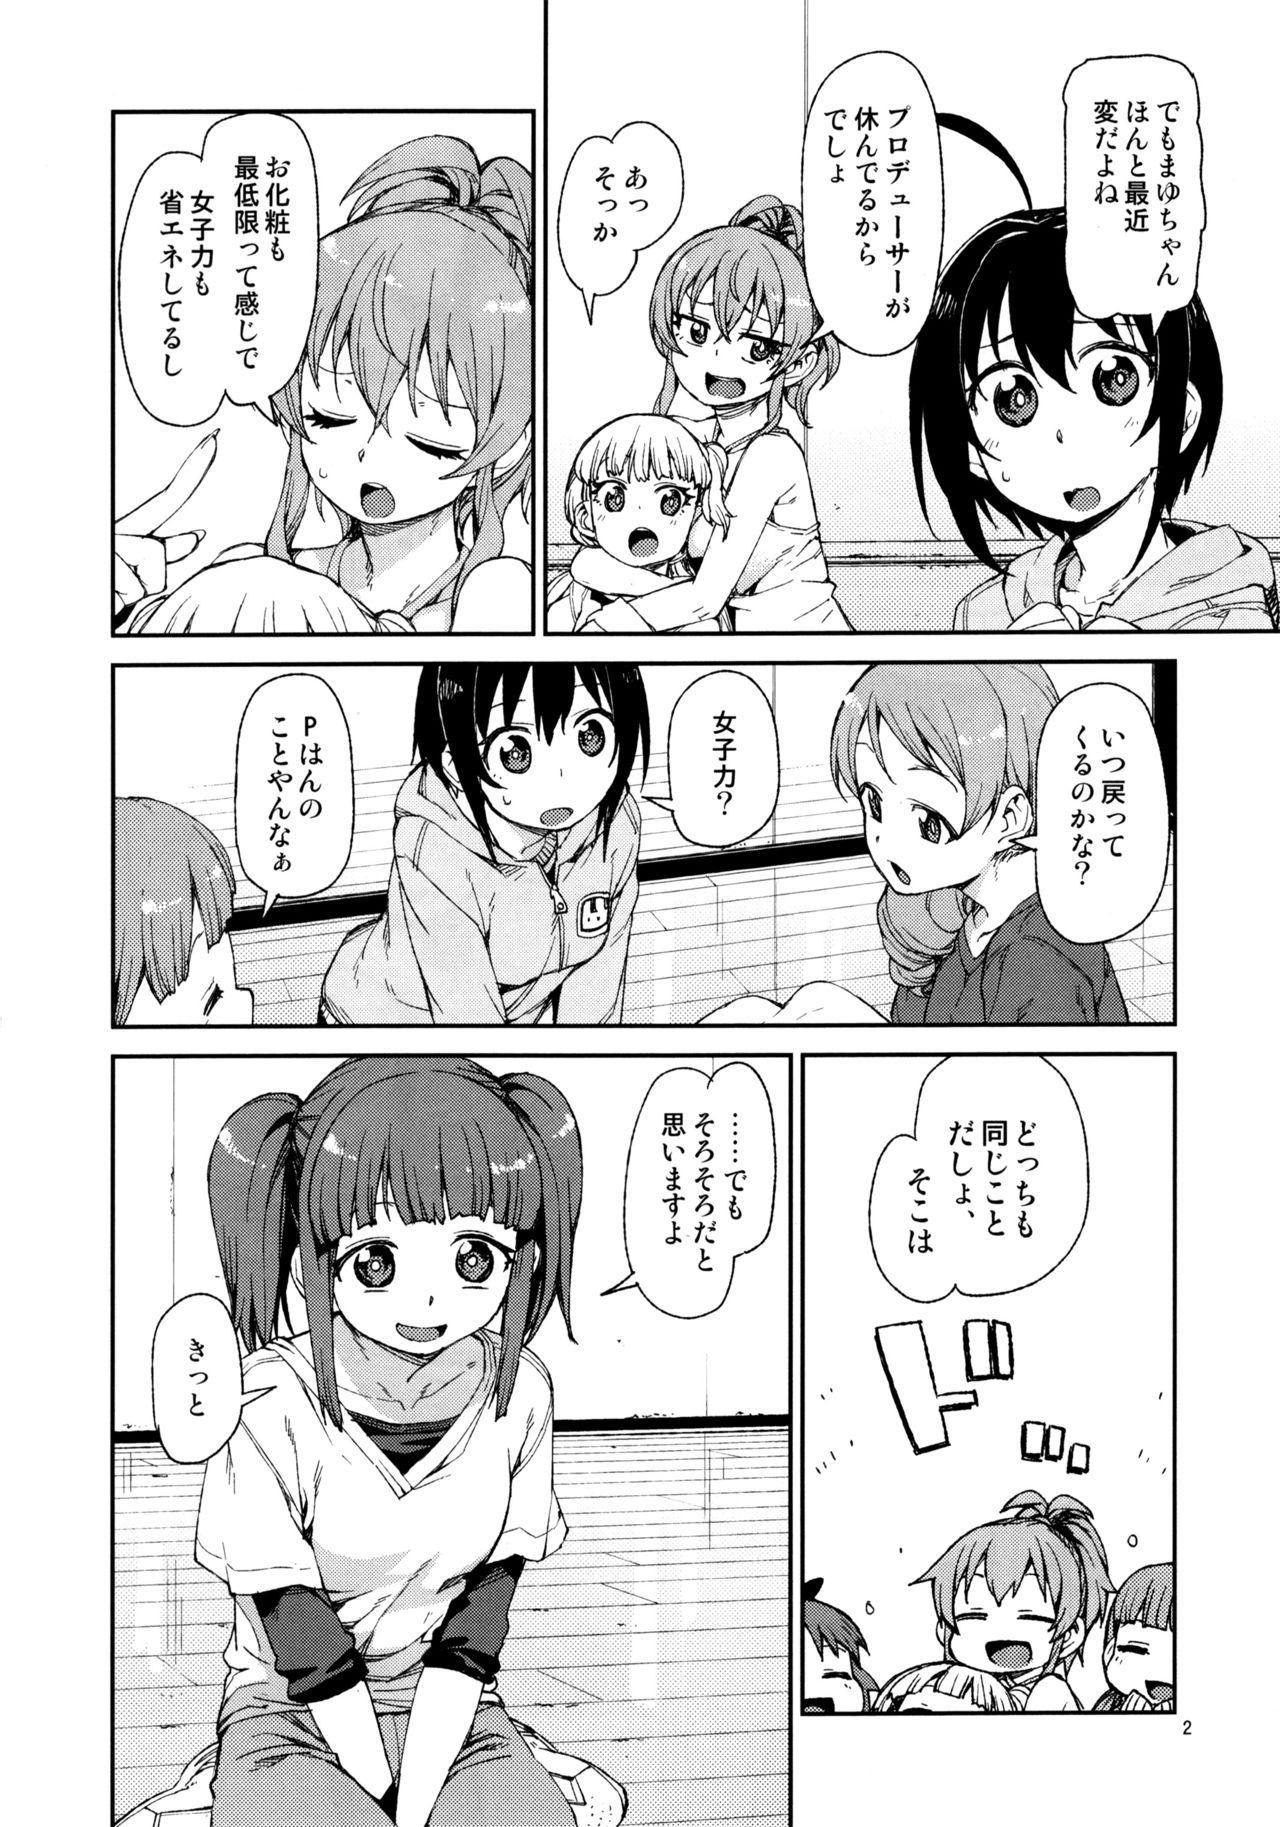 Sonna no Mayu ni wa Wakarimasen 2